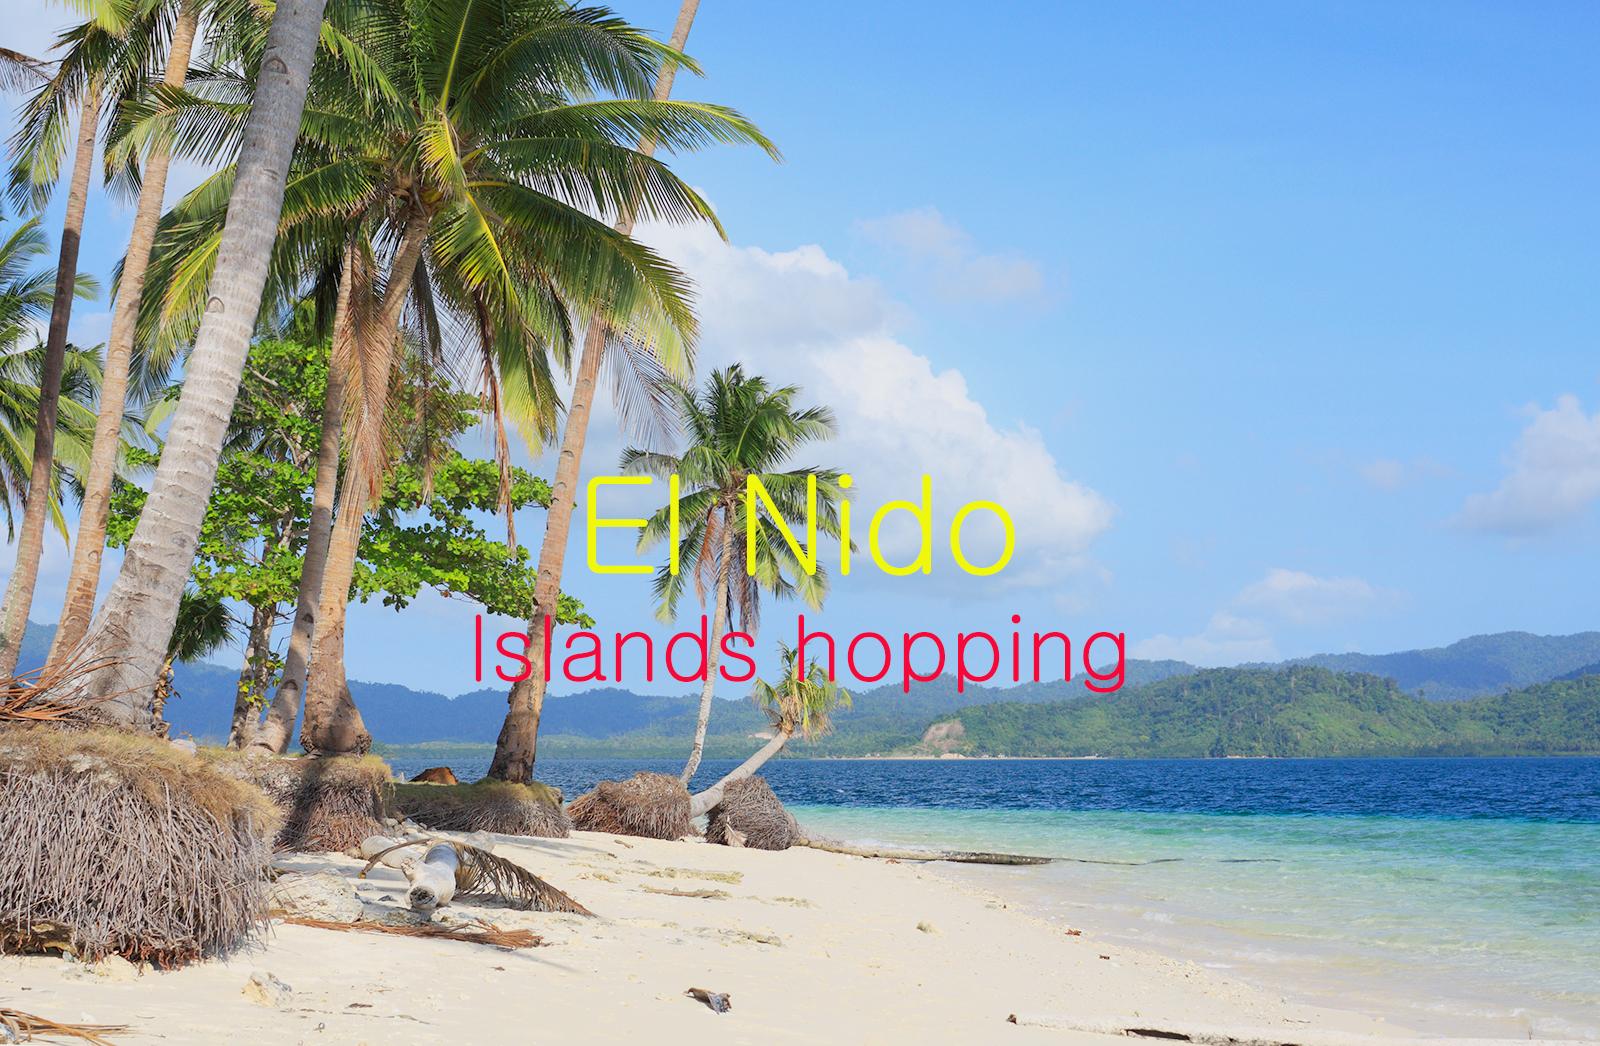 Видео экскурсия по островам в окрестностях Эль Нидо